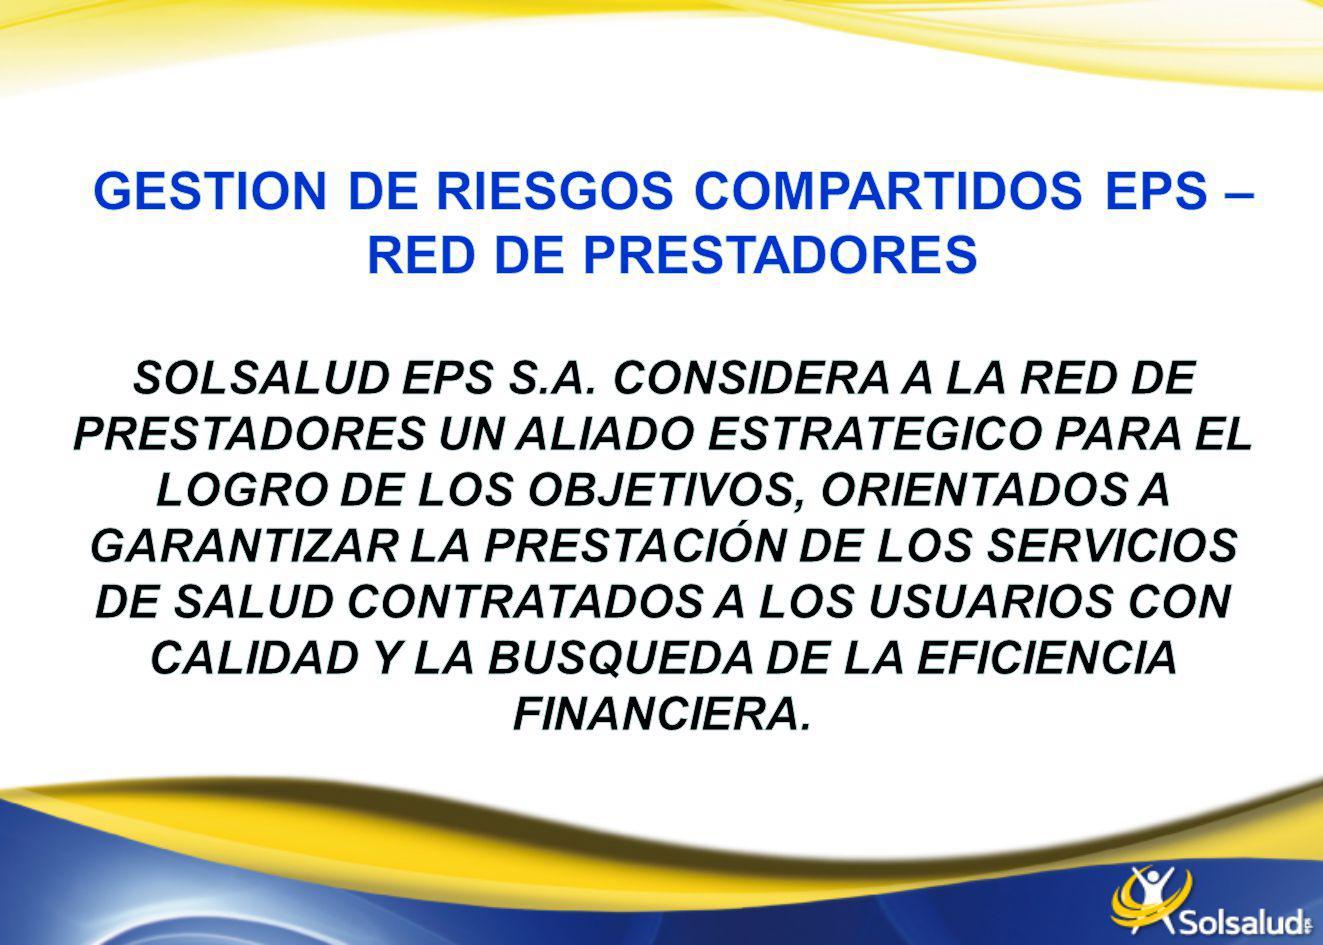 GESTION DE RIESGOS COMPARTIDOS EPS – RED DE PRESTADORES